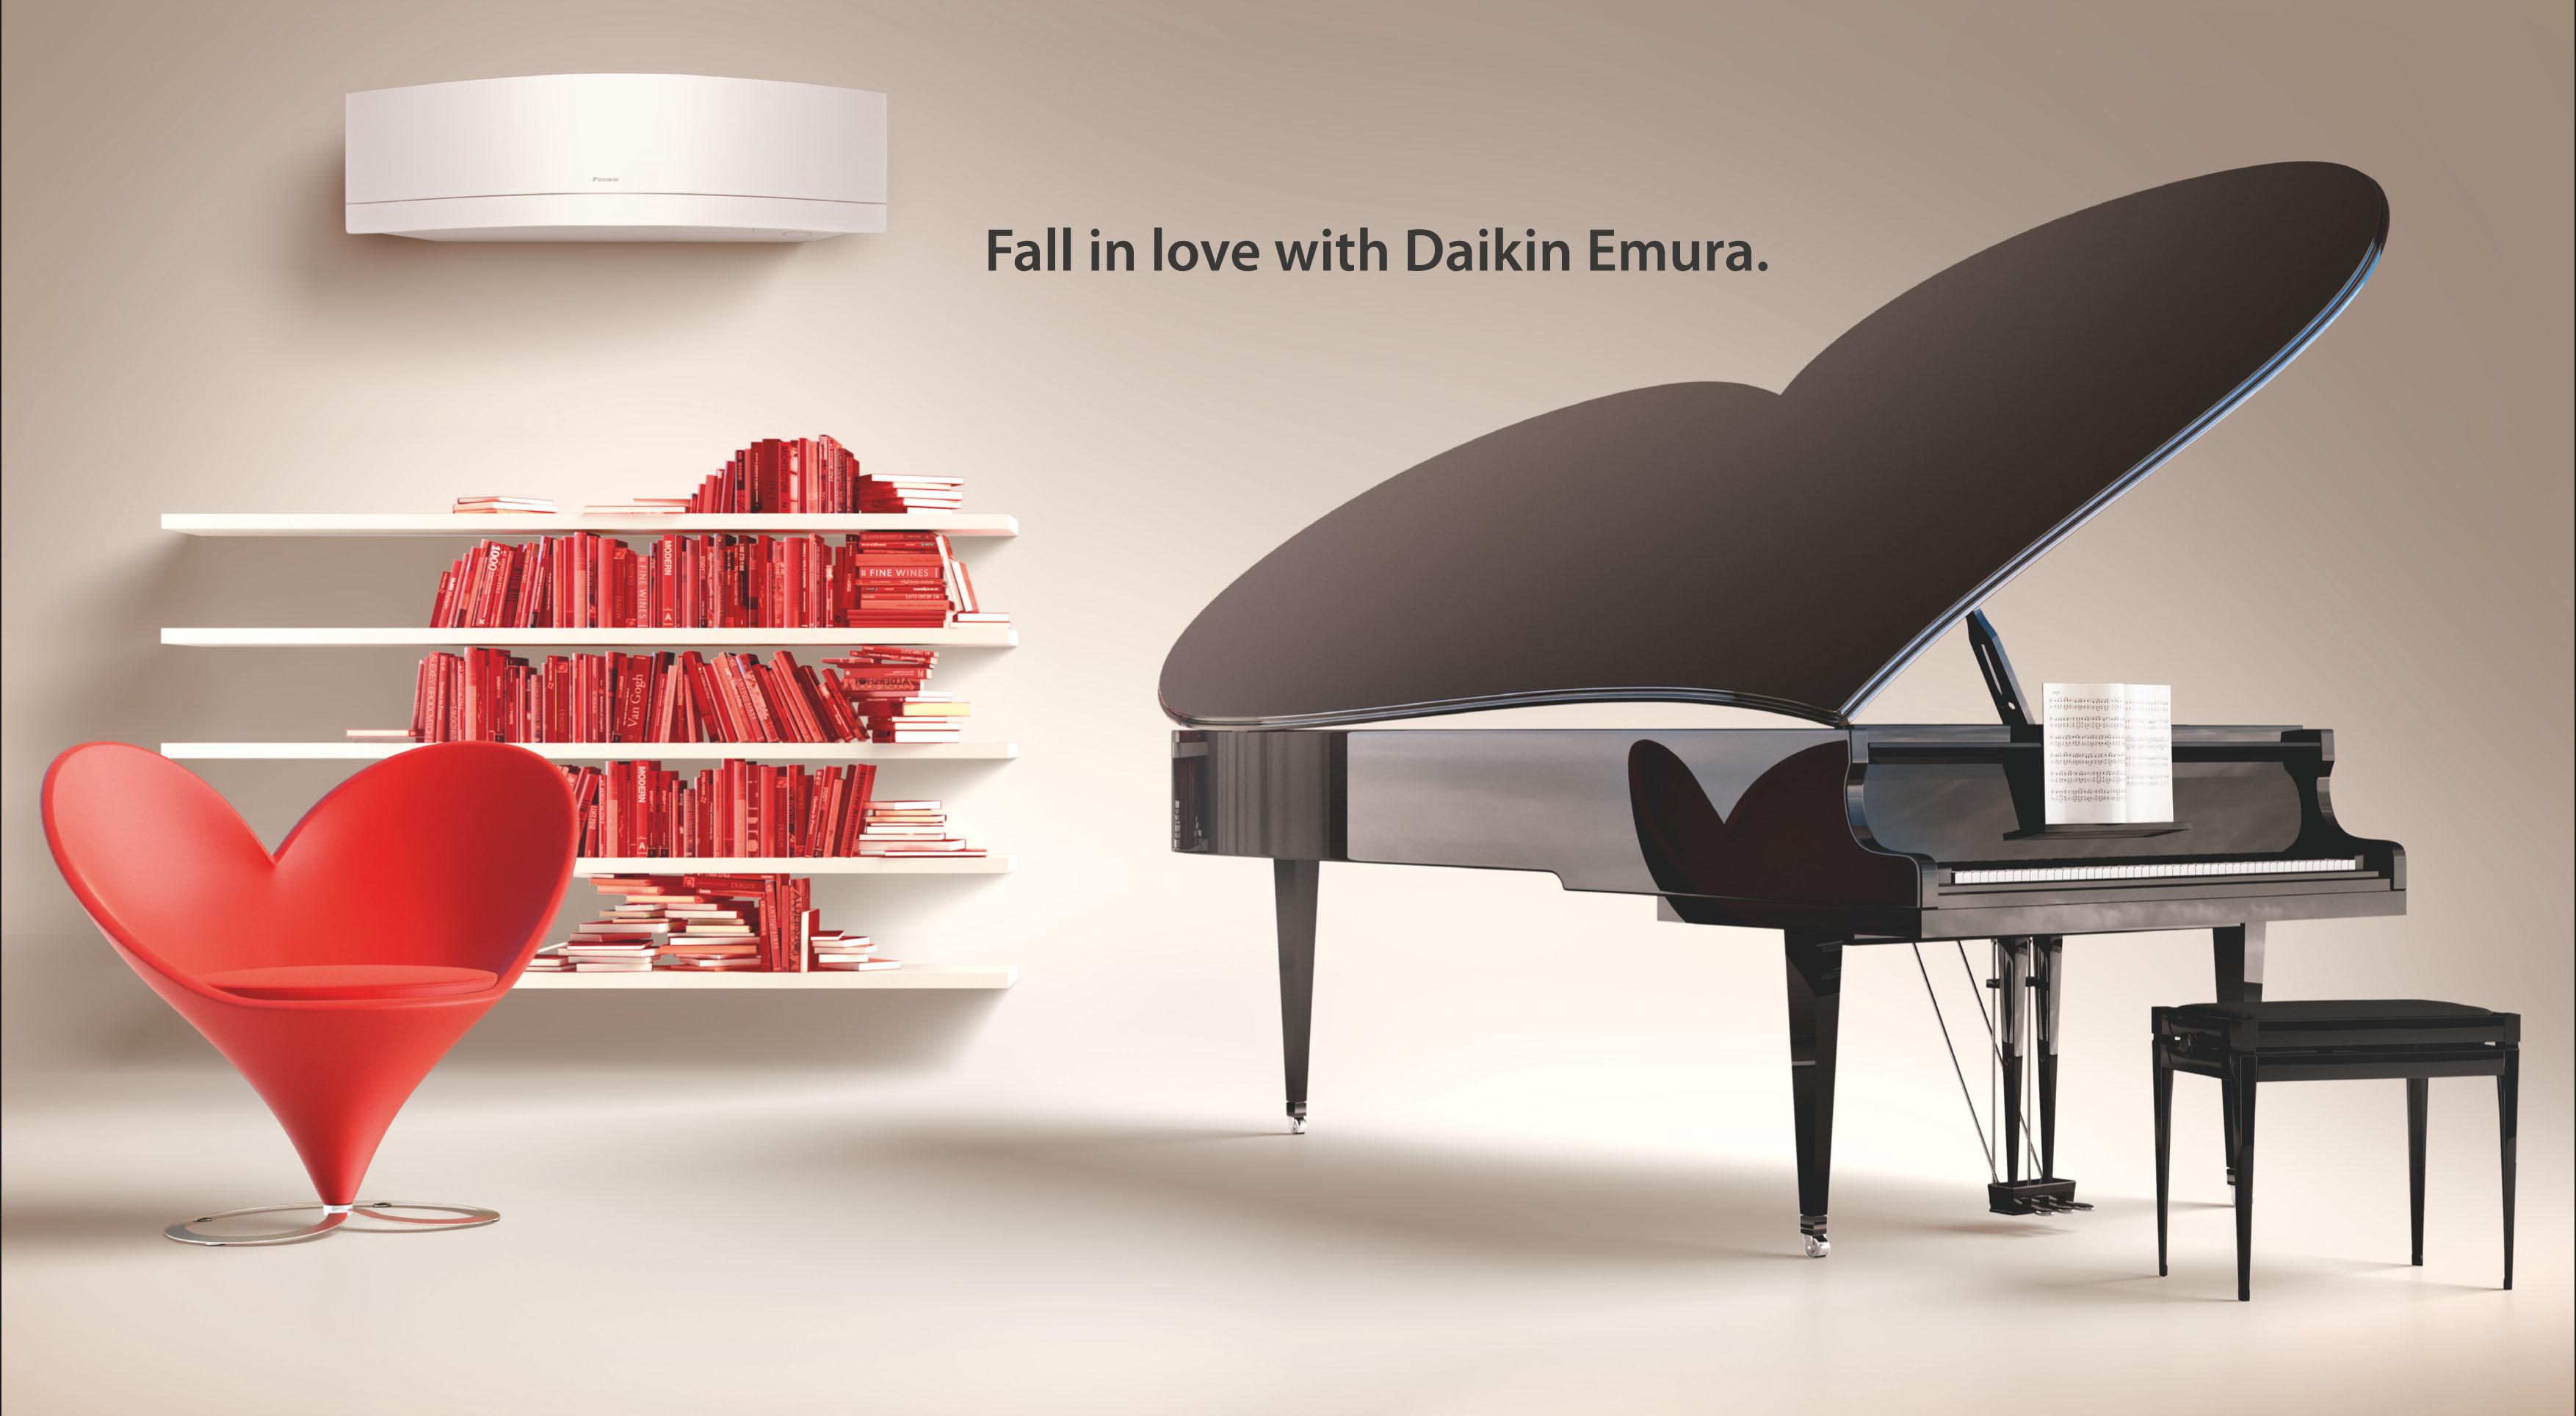 la gamma emura di daikin fa innamorare lancio a san. Black Bedroom Furniture Sets. Home Design Ideas